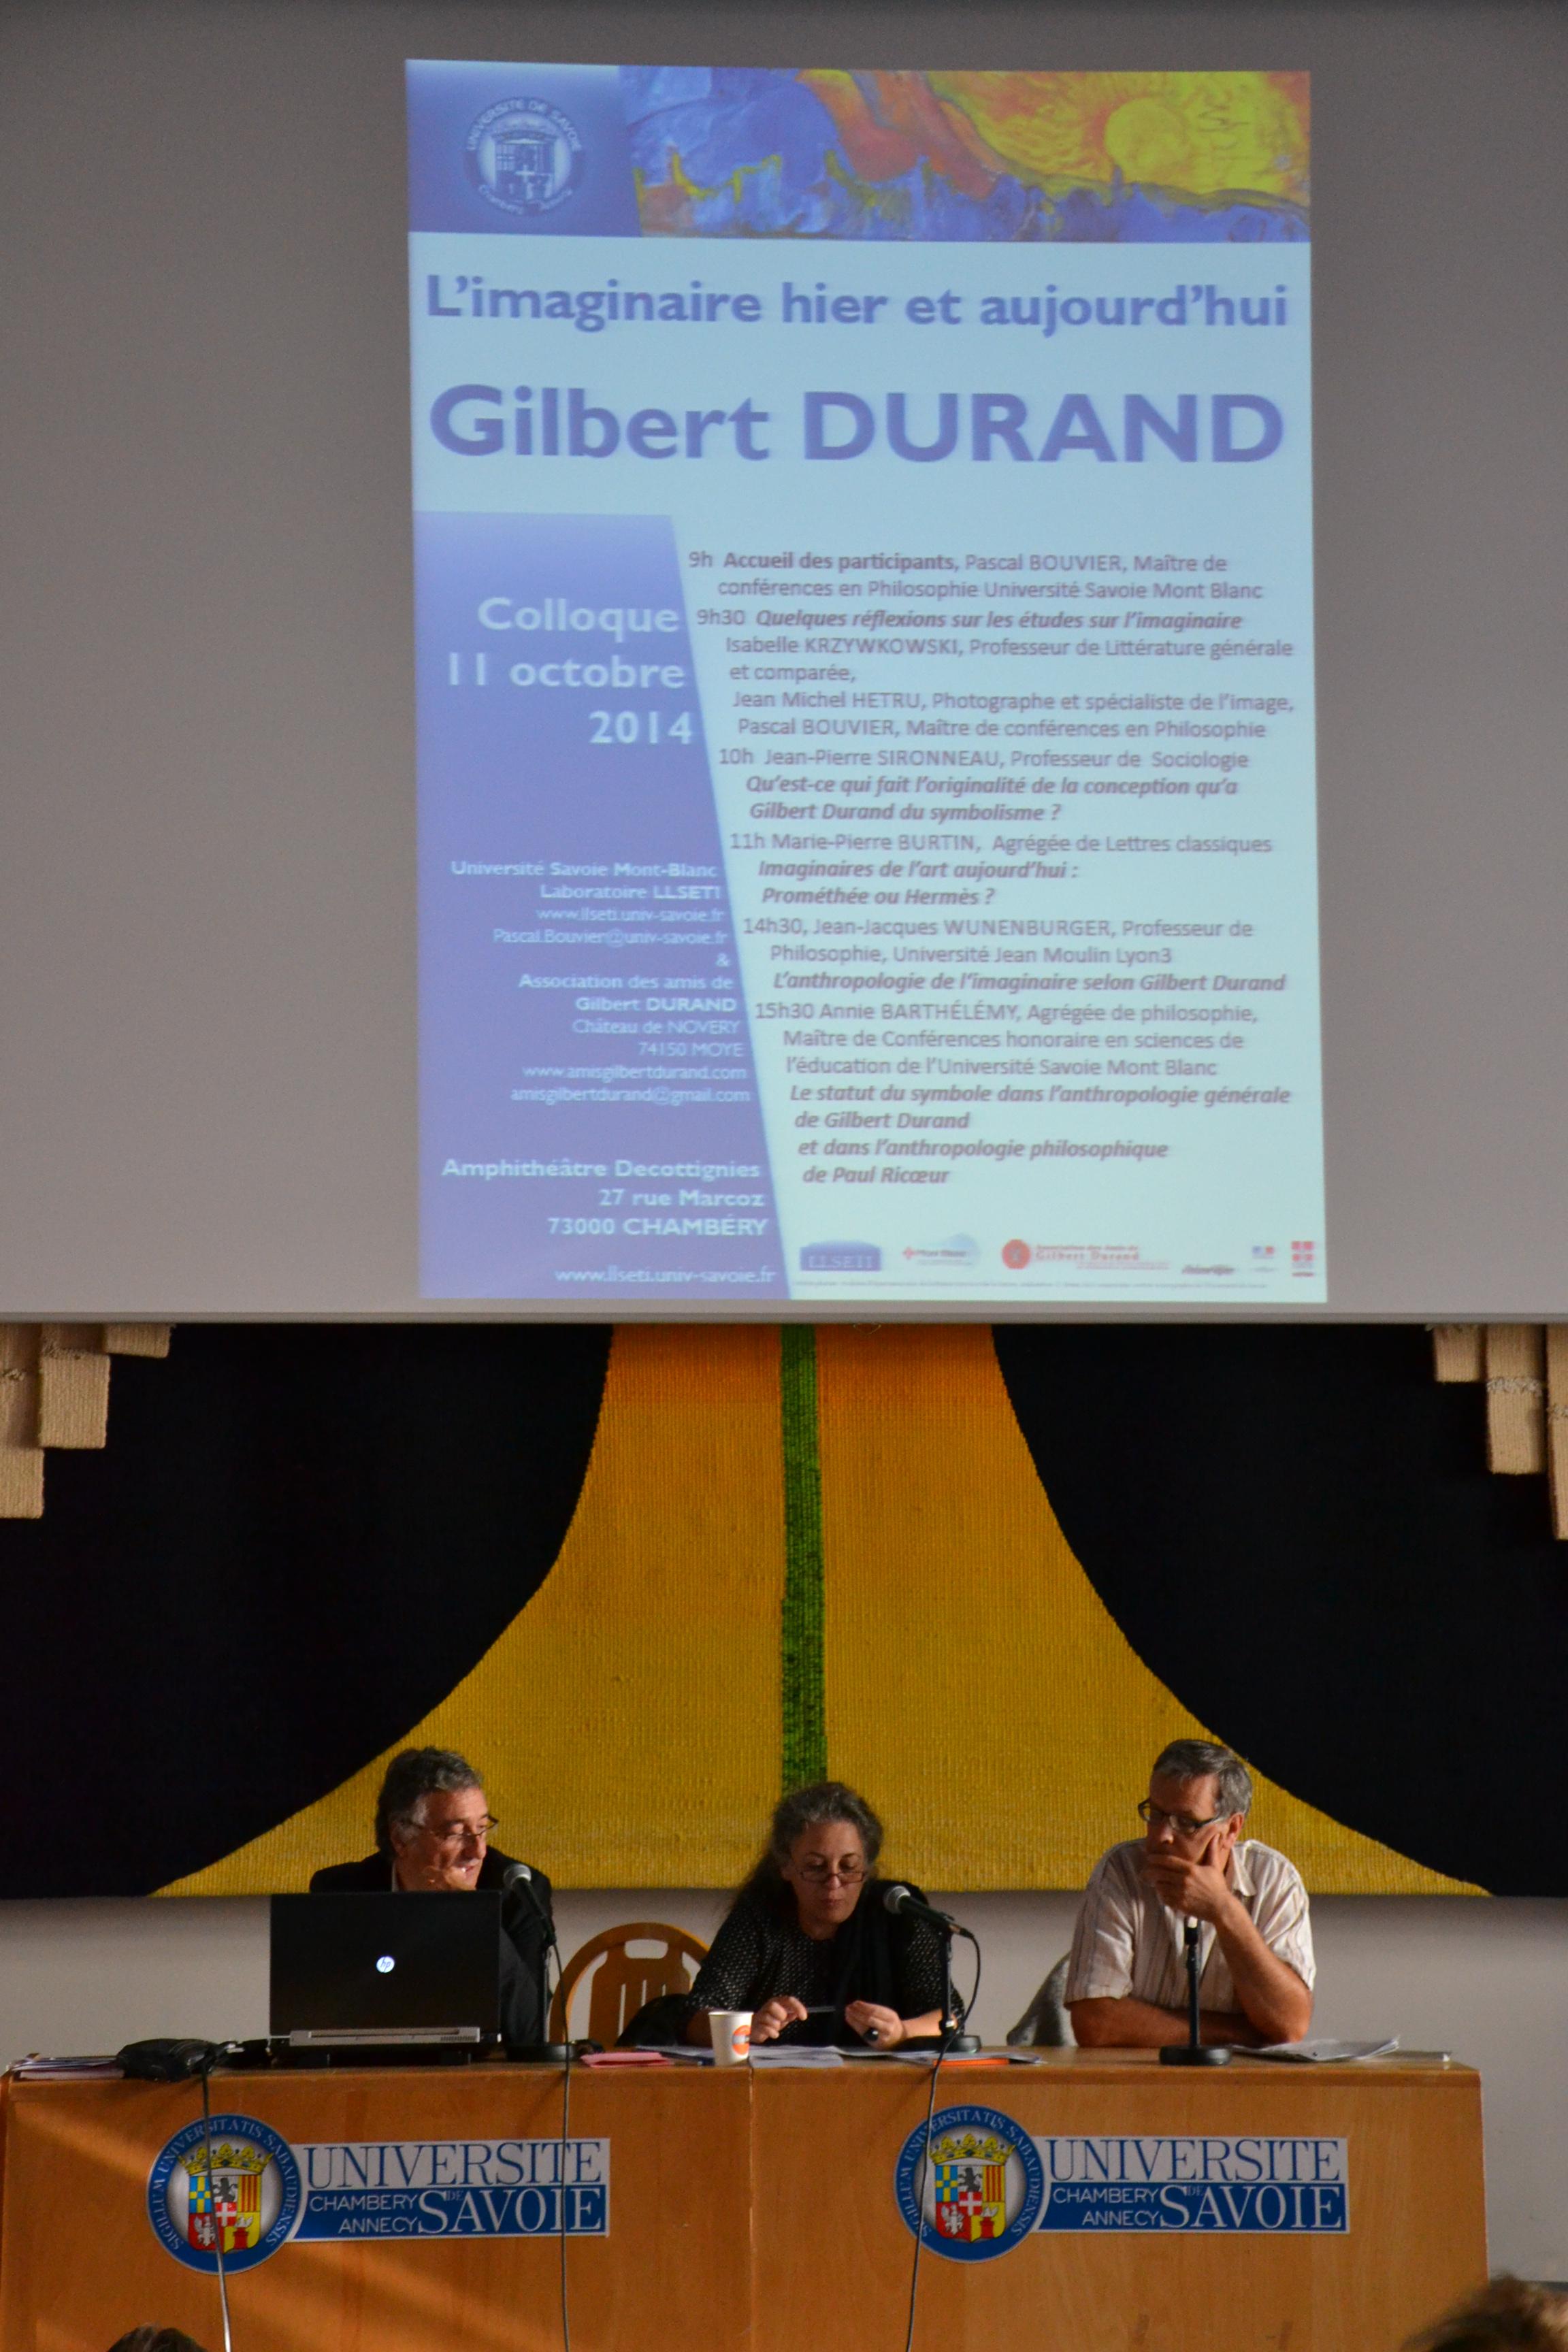 Pascal Bouvier, Isabelle Krzywkowski, Jean Michel Hetru